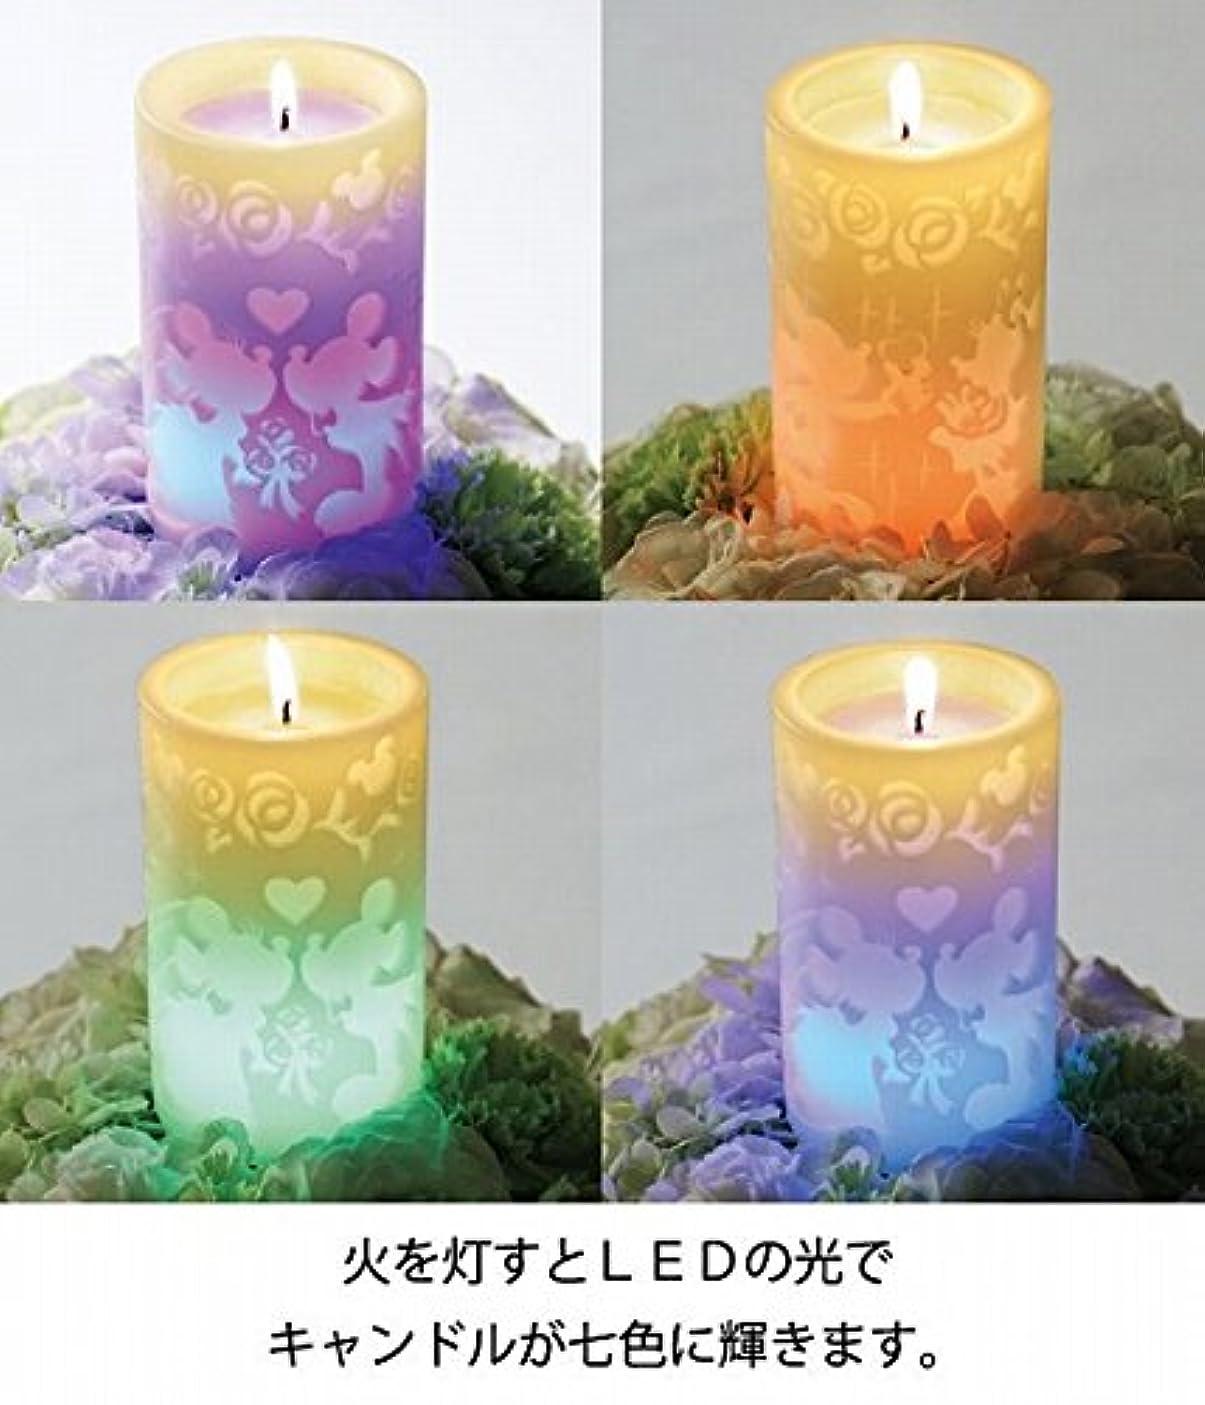 証人肌寒い抵抗するkameyama candle(カメヤマキャンドル) ミッキー&ミニーLEDピラー(A4970000)